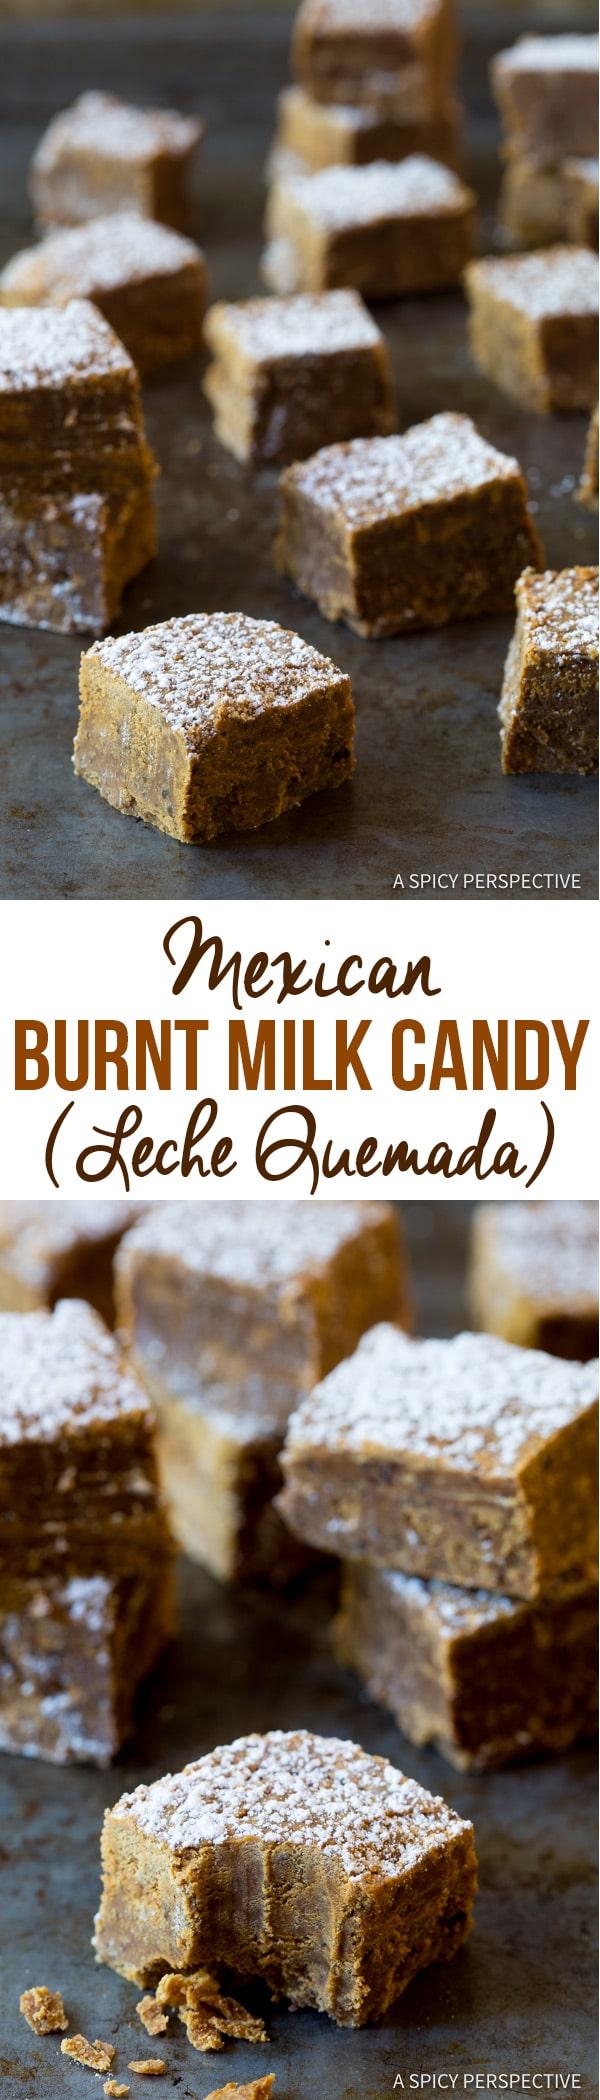 Mexican Burnt Milk Candy (Leche Quemada) Recipe | ASpicyPerspective.com